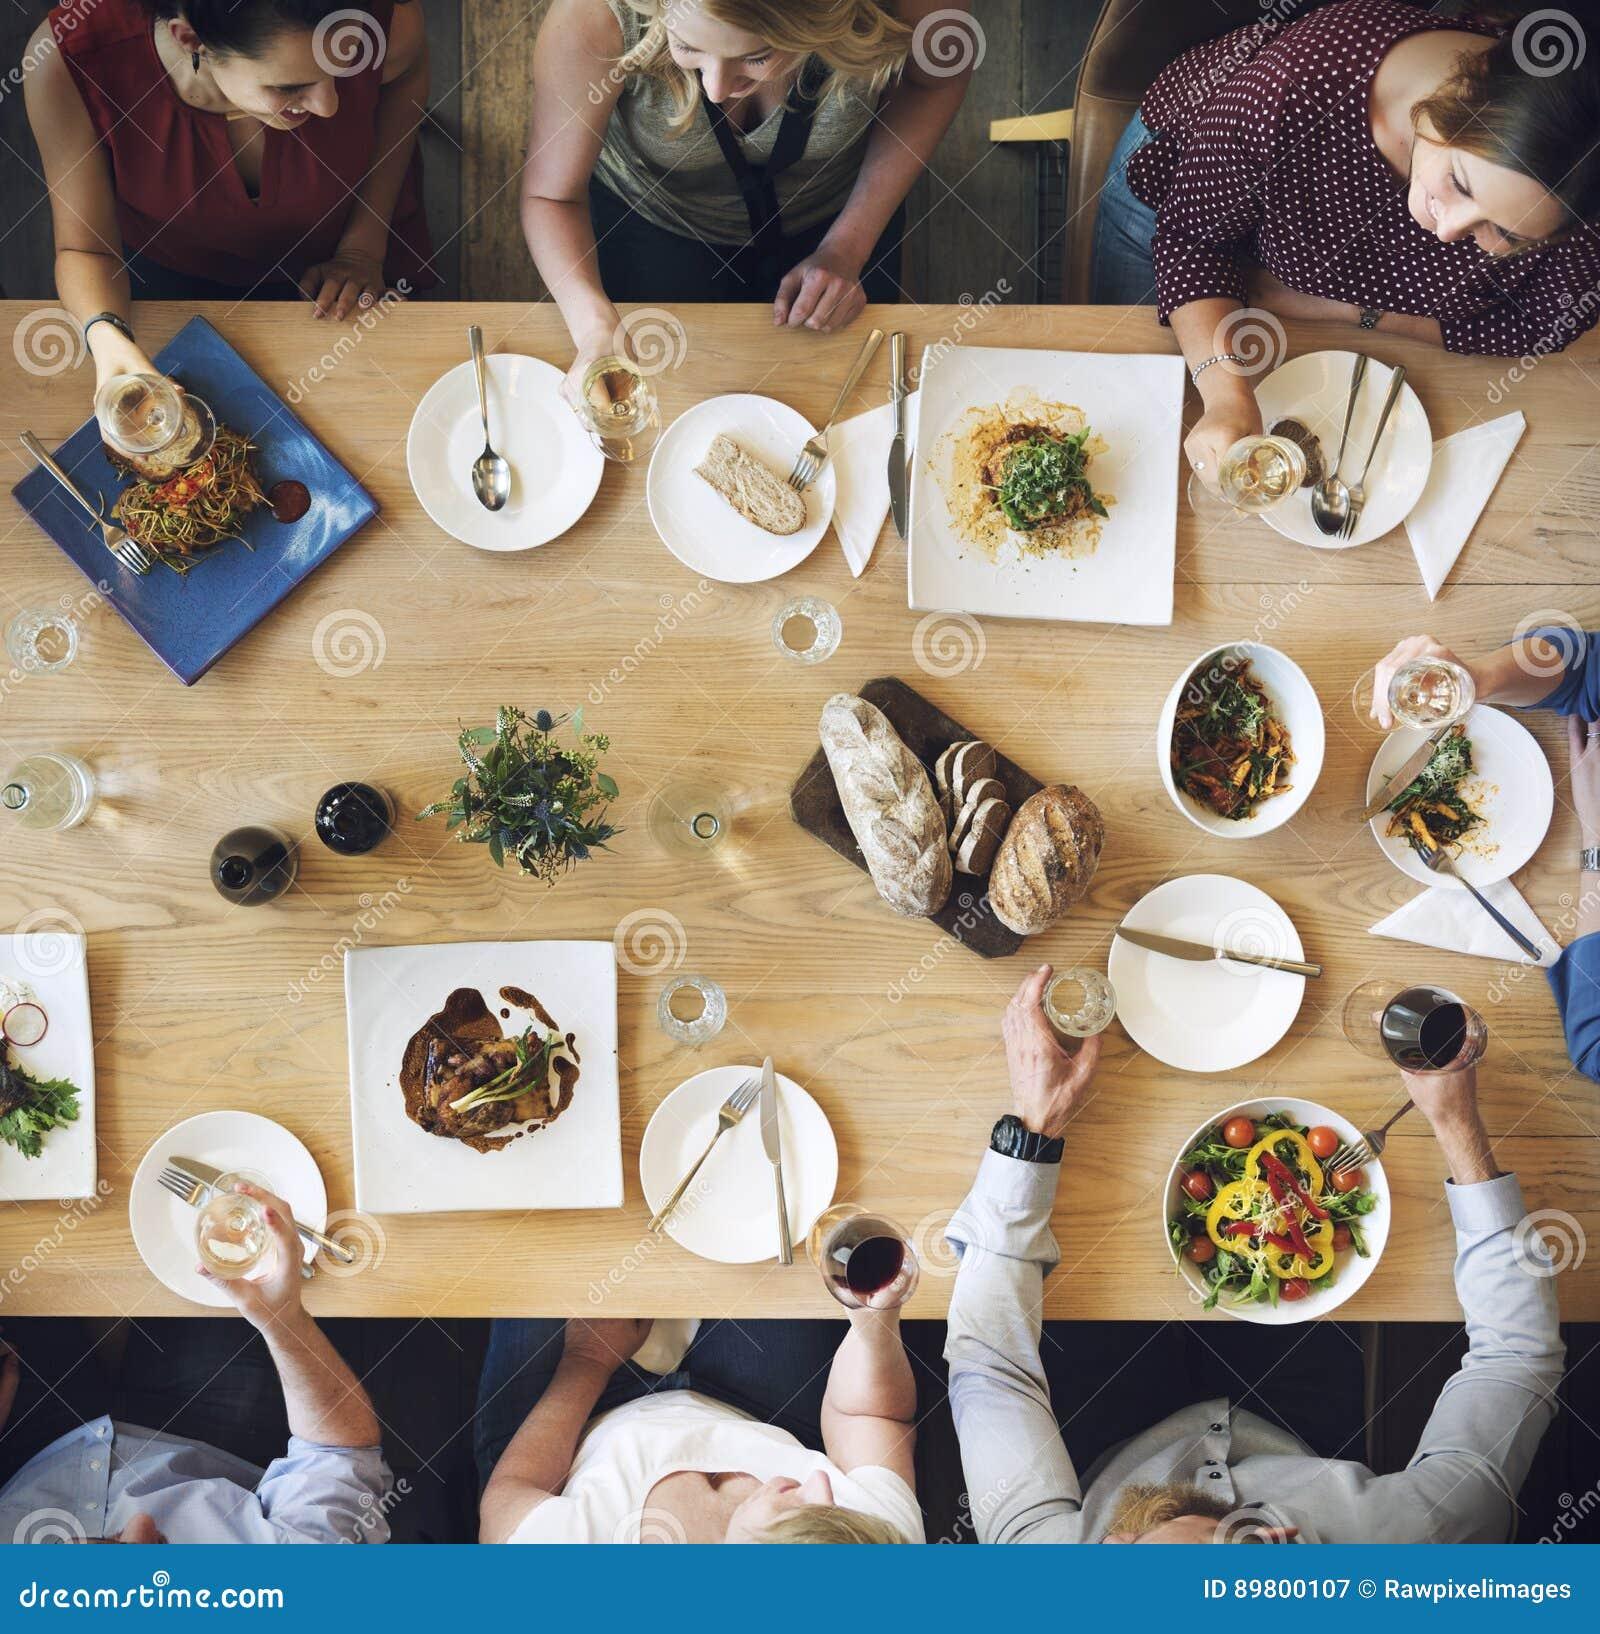 Lebensmittel-Verpflegungs-Küche-kulinarisches feinschmeckerisches Partei-Konzept